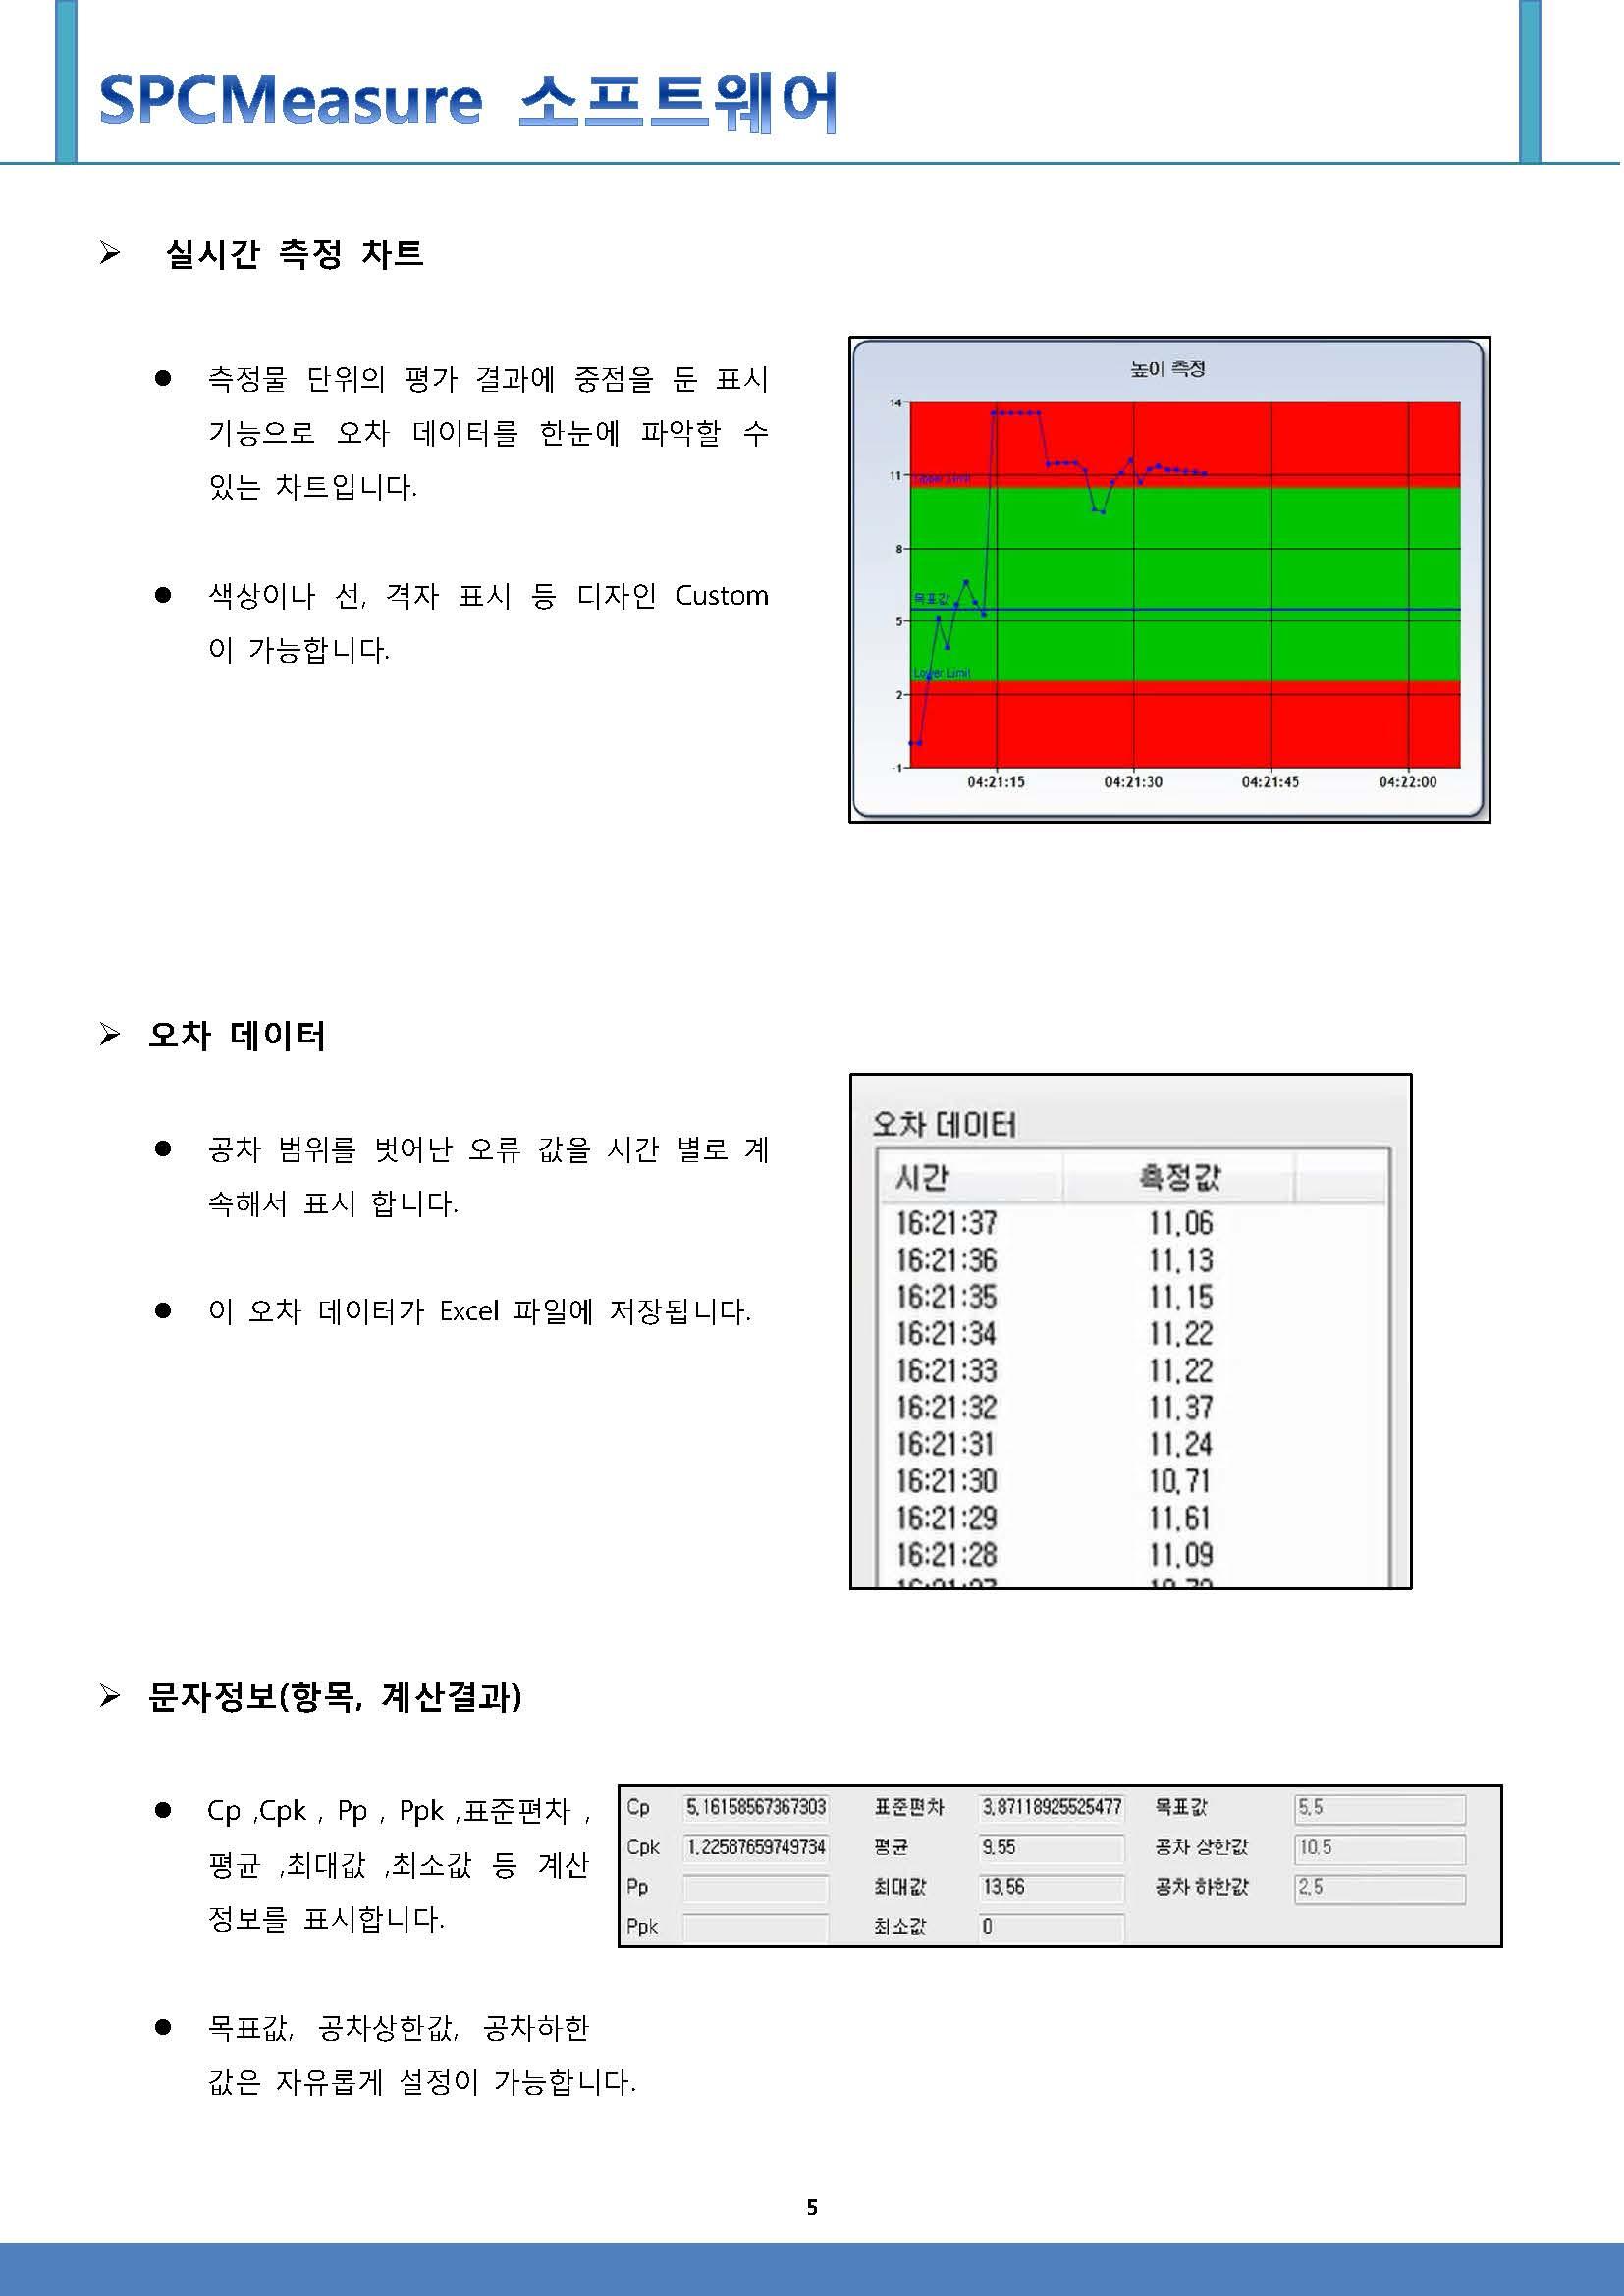 SPCMeasure1_페이지_5.jpg